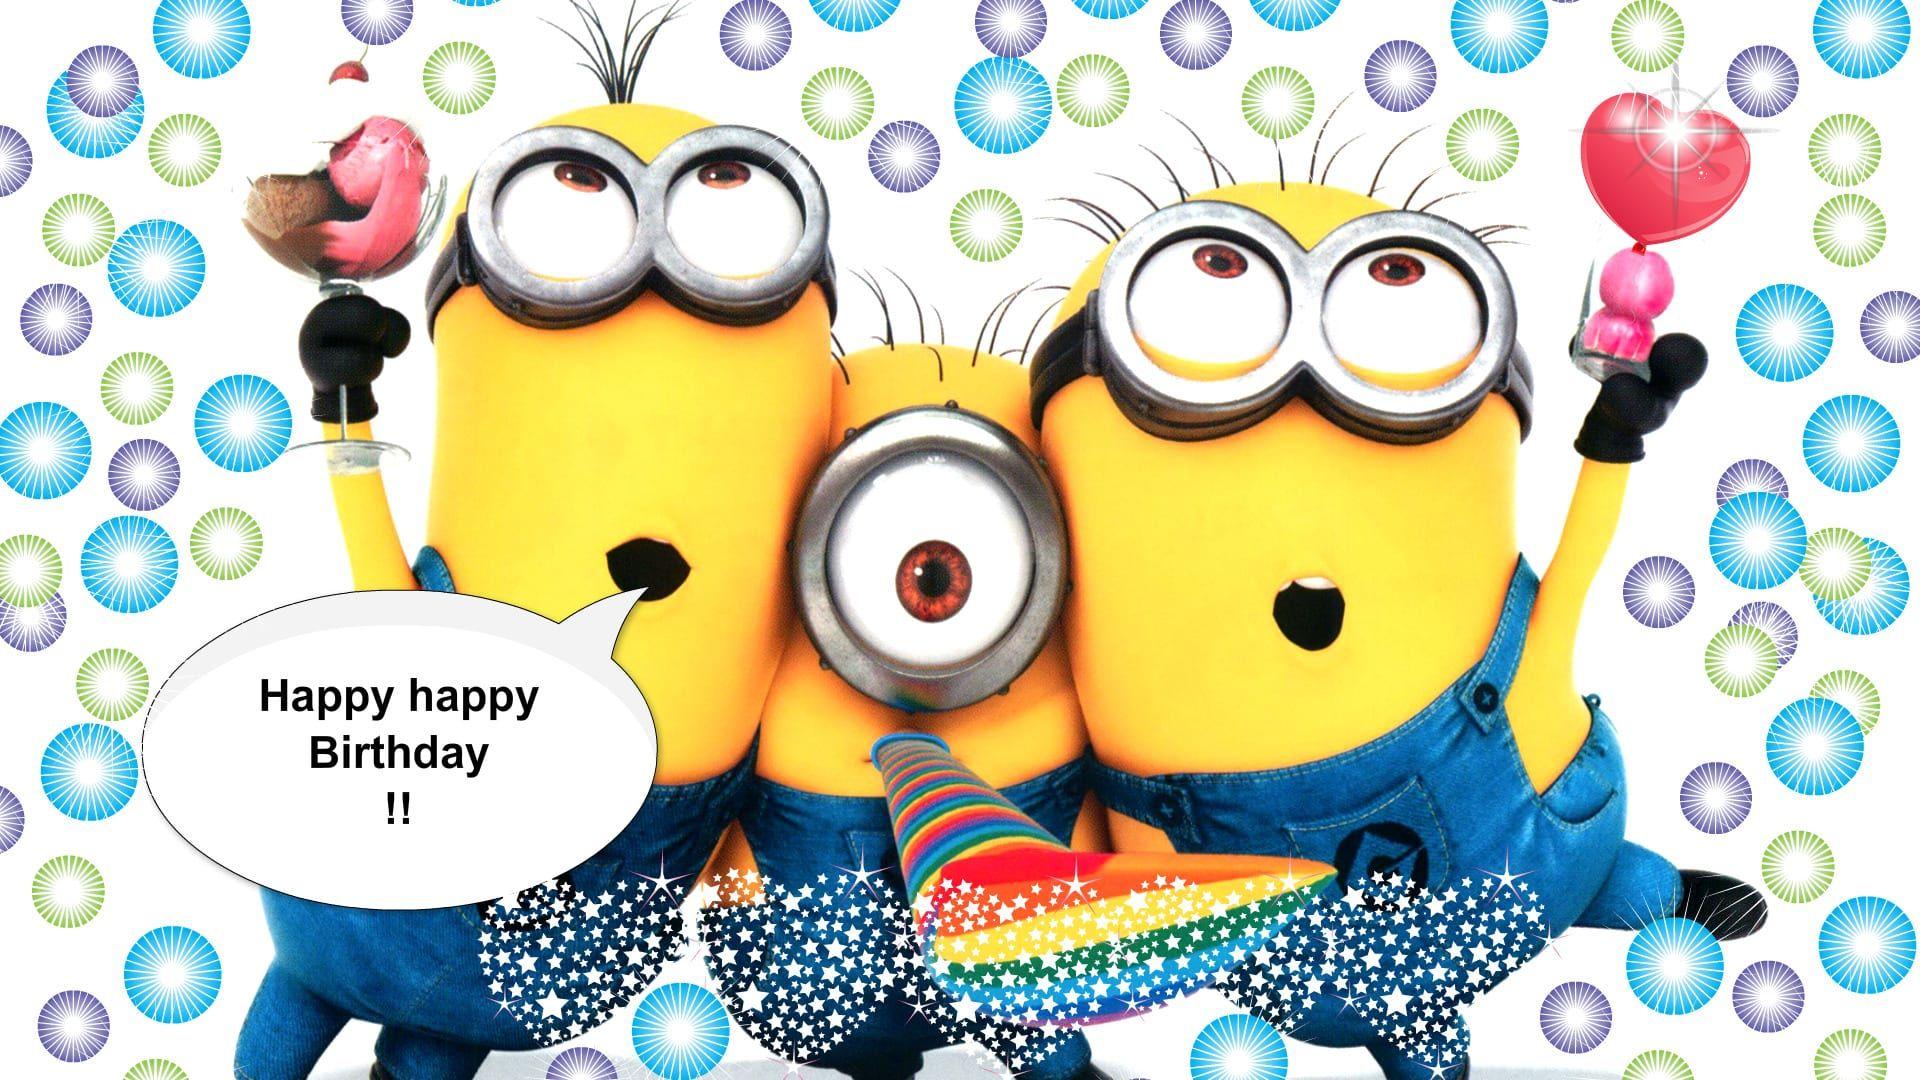 Wir Wunschen Dir Alles Gute Zum Geburtstag Auf Englisch Bilder